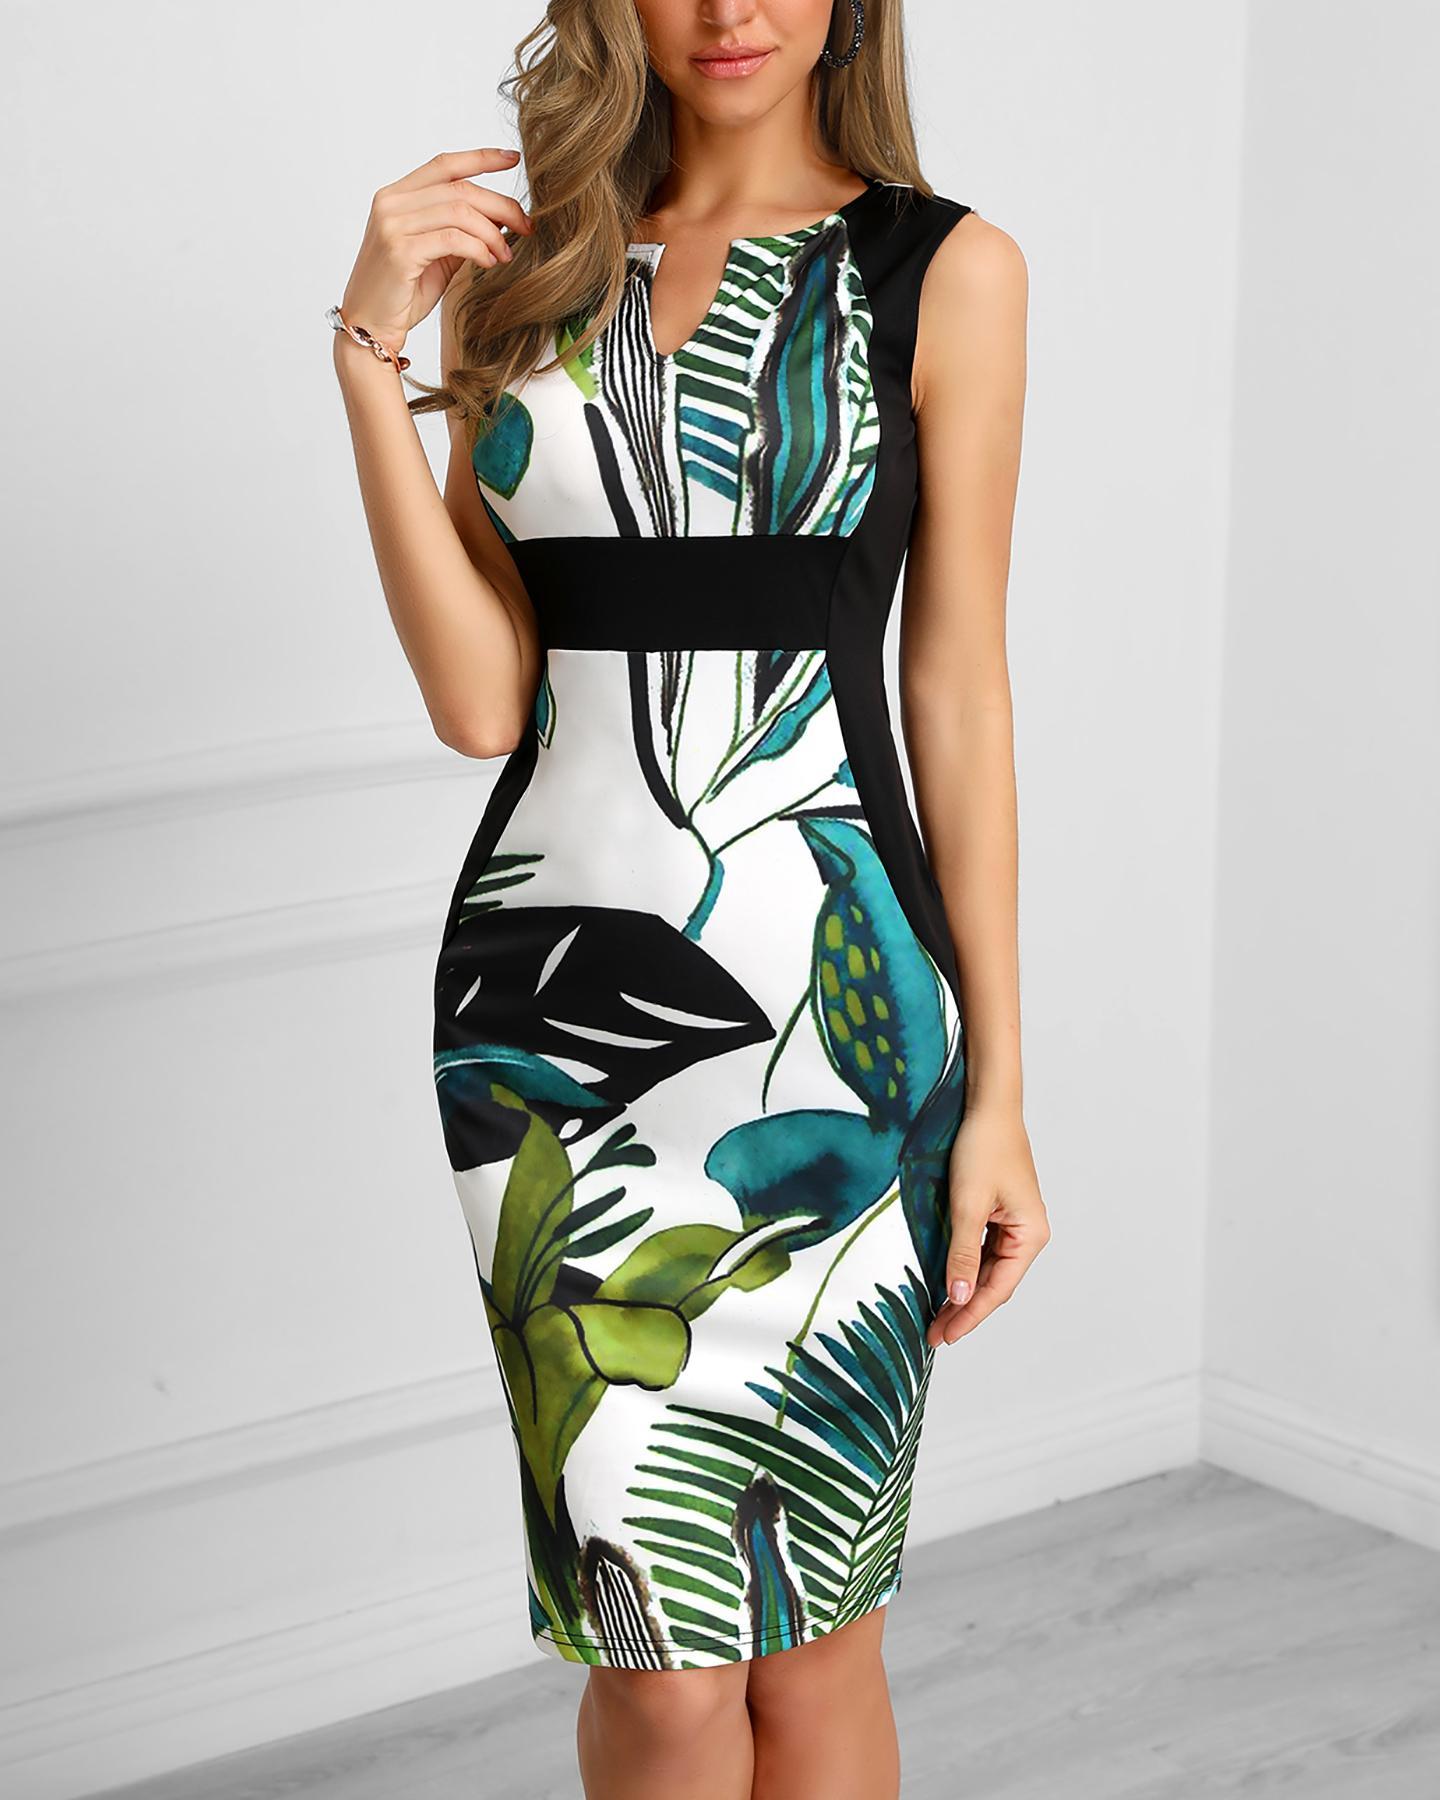 chicme / Vestido ajustado con aplicación de estampado de hojas